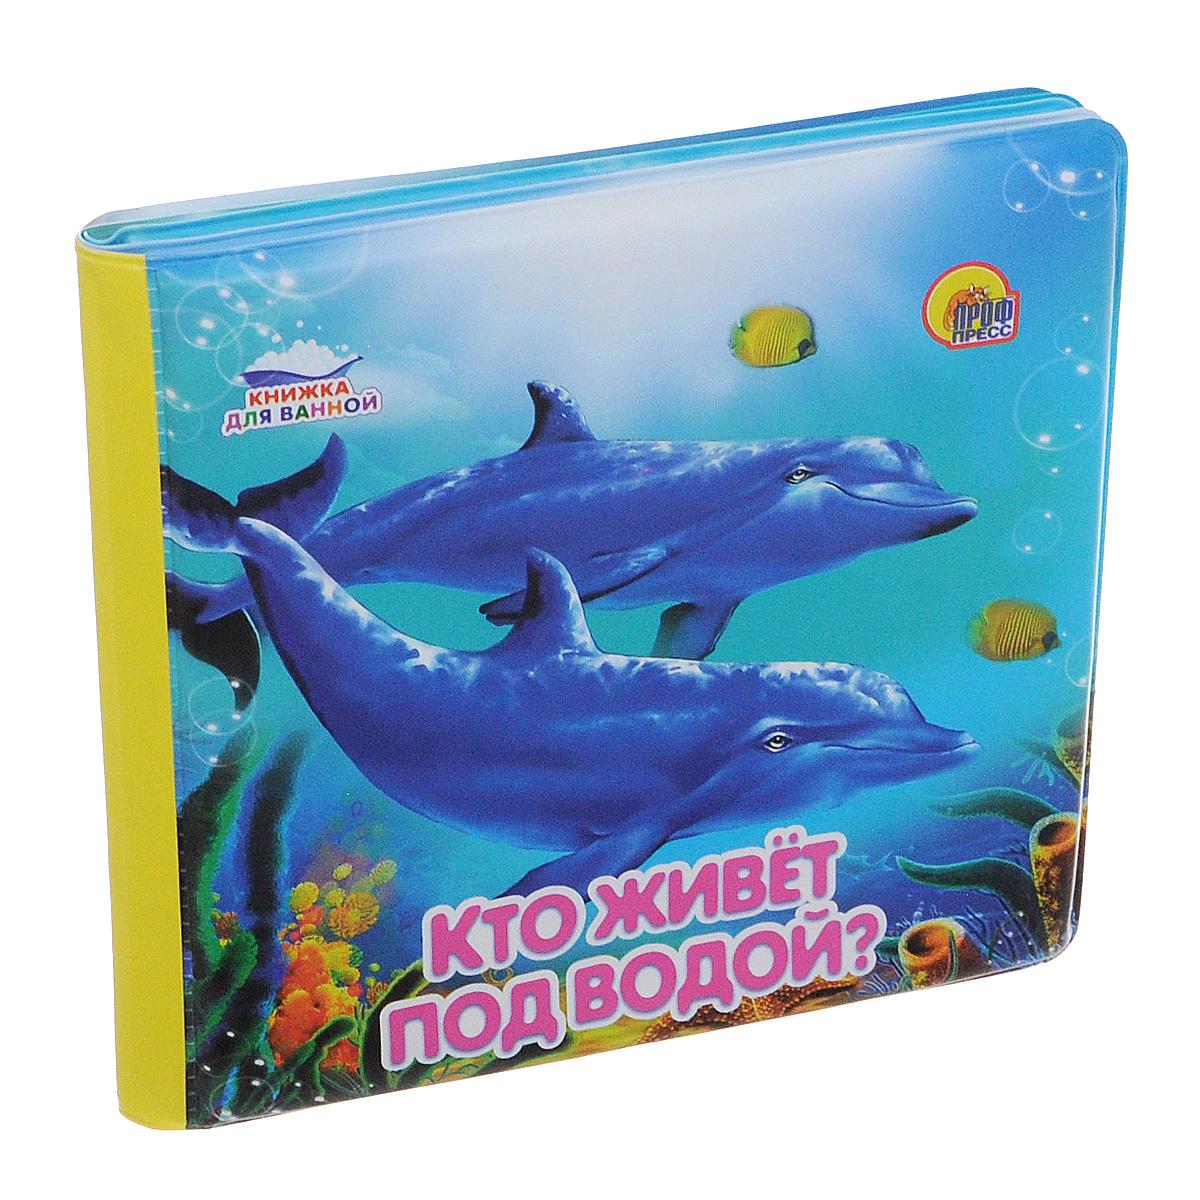 Кто живет под водой? Книжка для ванной